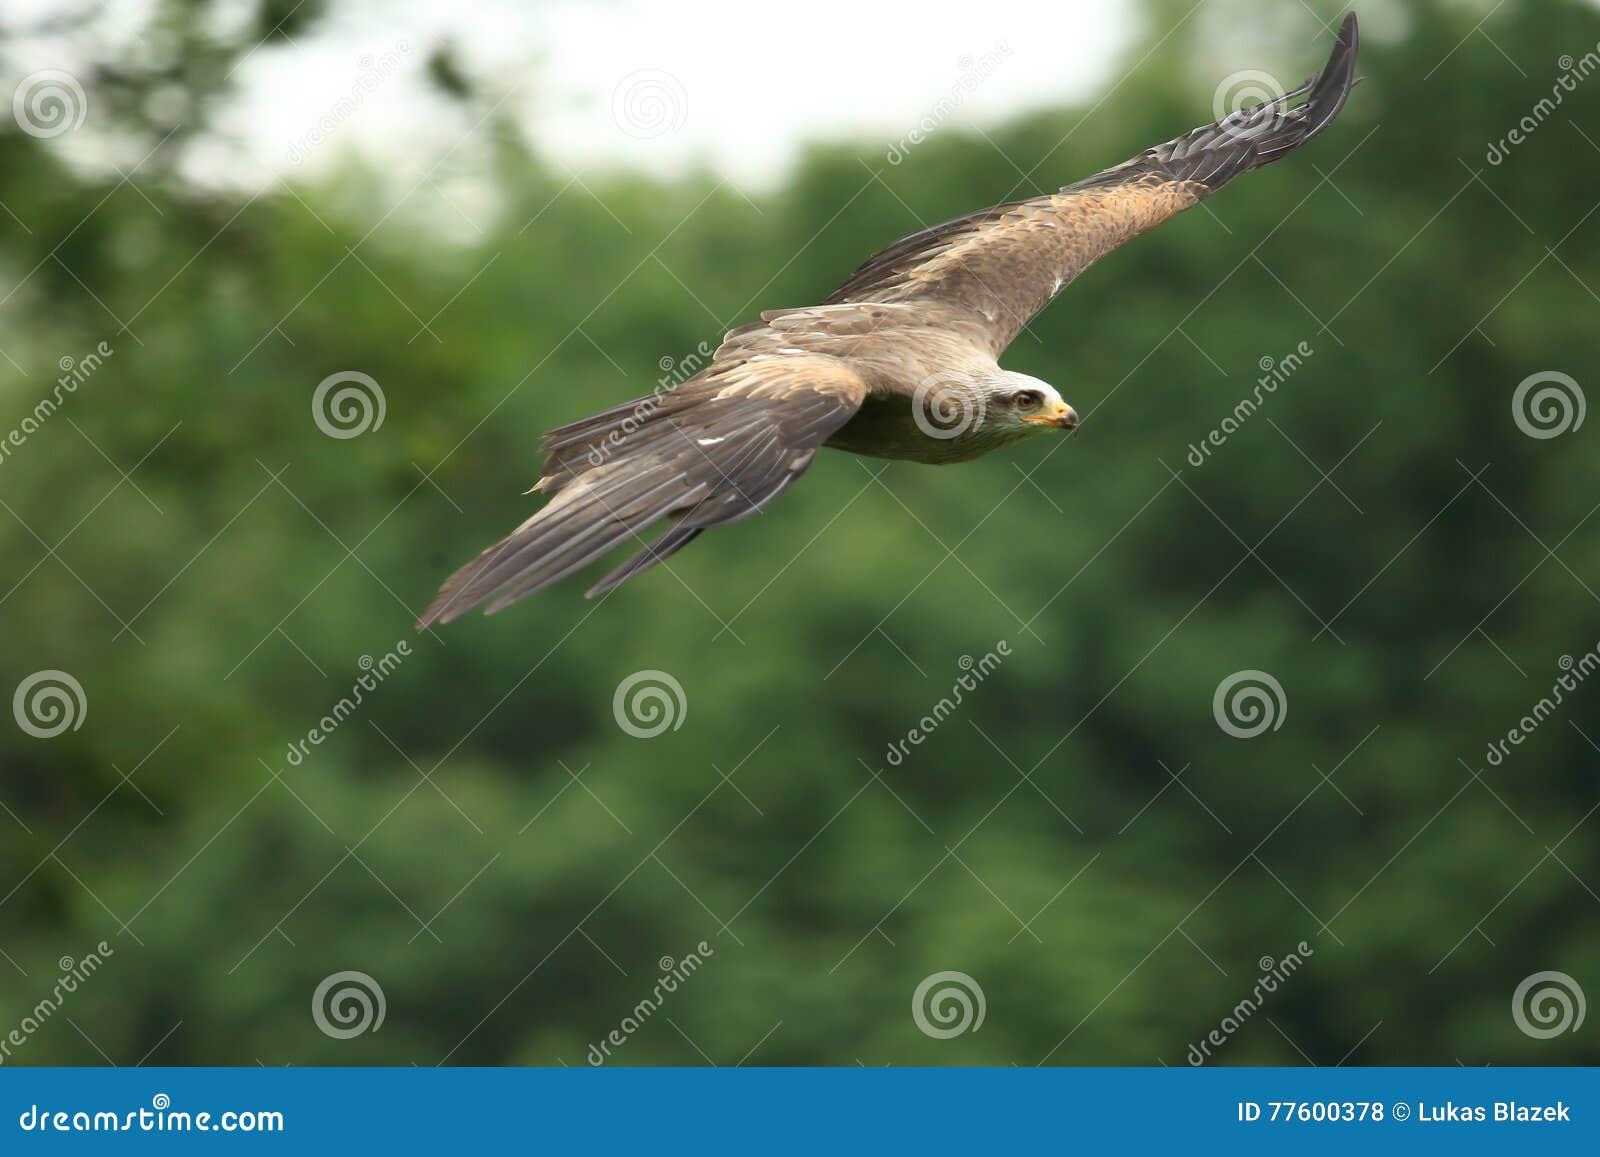 Flying steppe eagle